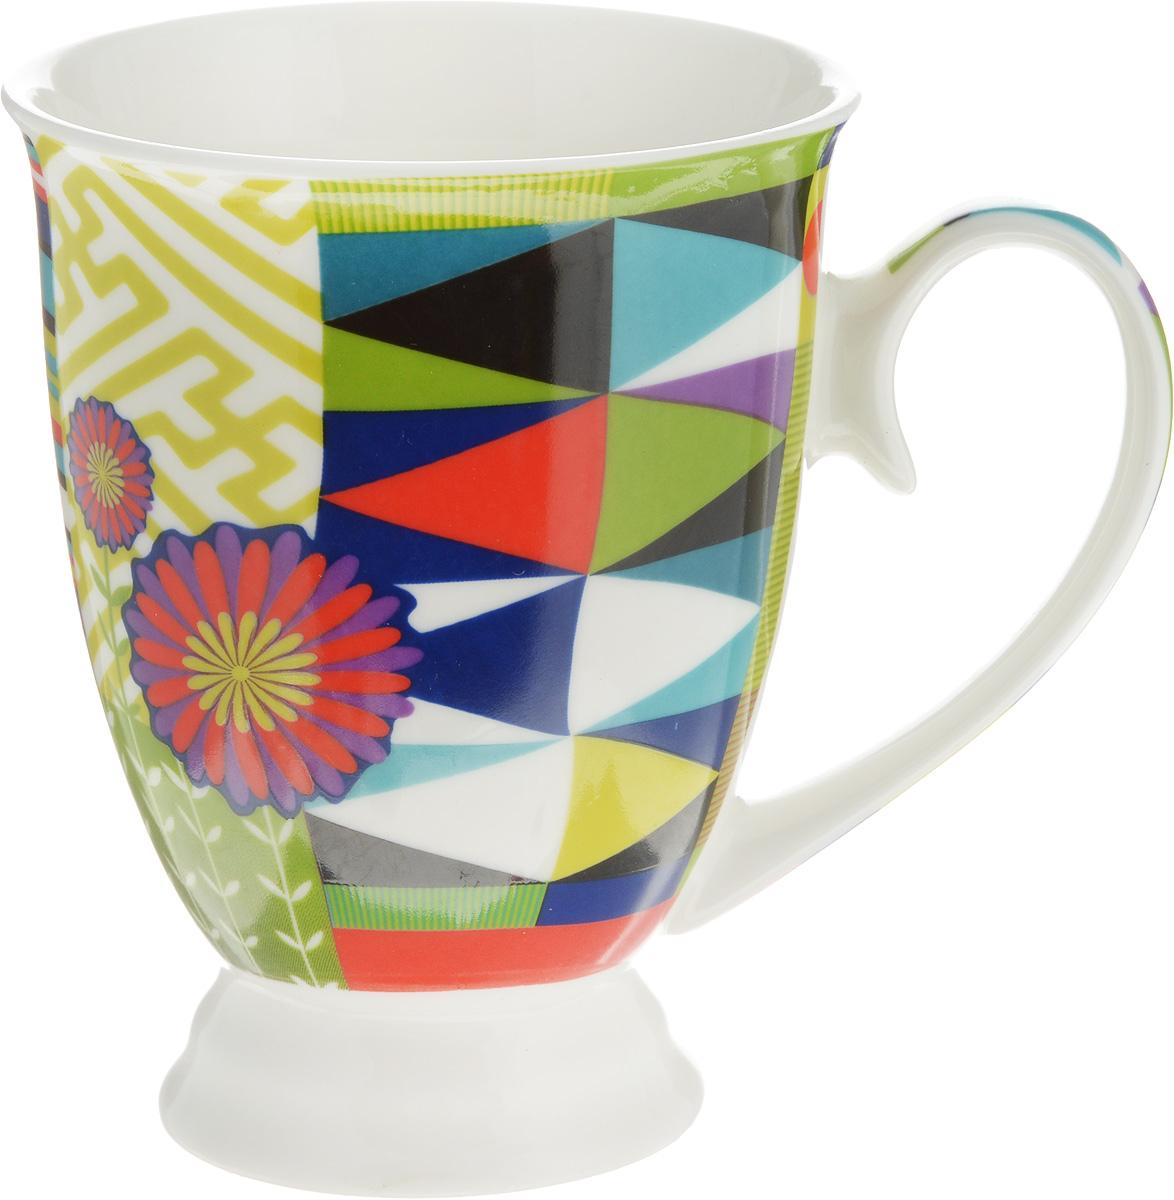 Кружка Lillo Цветочно-ягодный микс, цвет: бирюзовый, зеленый, красный, 250 мл12486_бирюзовый, зеленый, красныйКружка Lillo Цветочно-ягодный микс выполнена из высококачественной керамики с глазурованным покрытием. С внешней стороны изделие декорировано красочным рисунком. Такая кружка станет приятным подарком и согреет вас холодными вечерами. Диаметр (по верхнему краю): 8 см. Высота кружки: 10,5 см.